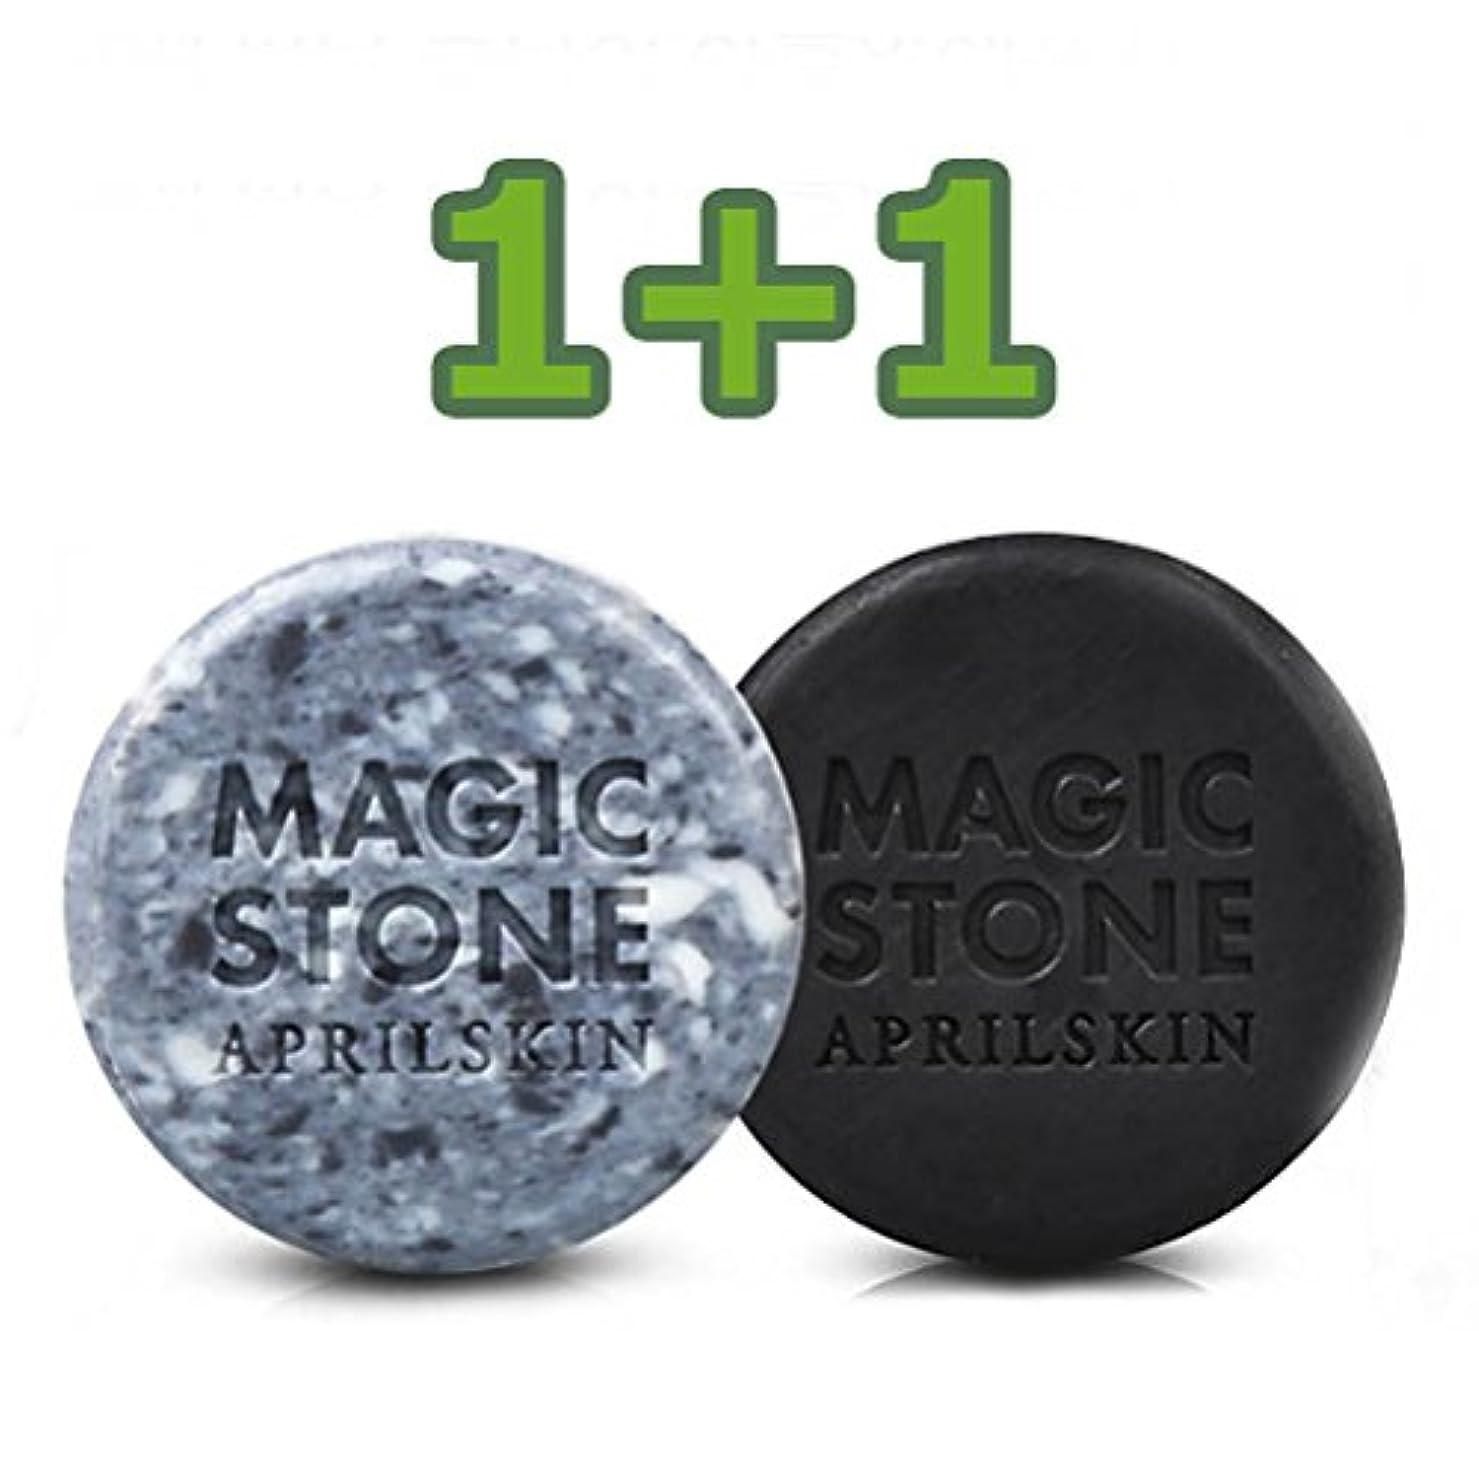 スラッシュ調停者サイバースペースエイプリルスキン マジックストーンソープ オリジナル&ブラック (Aprilskin Magic Stone Soap Original & Black) 90g * 2個 / 正品?海外直送商品